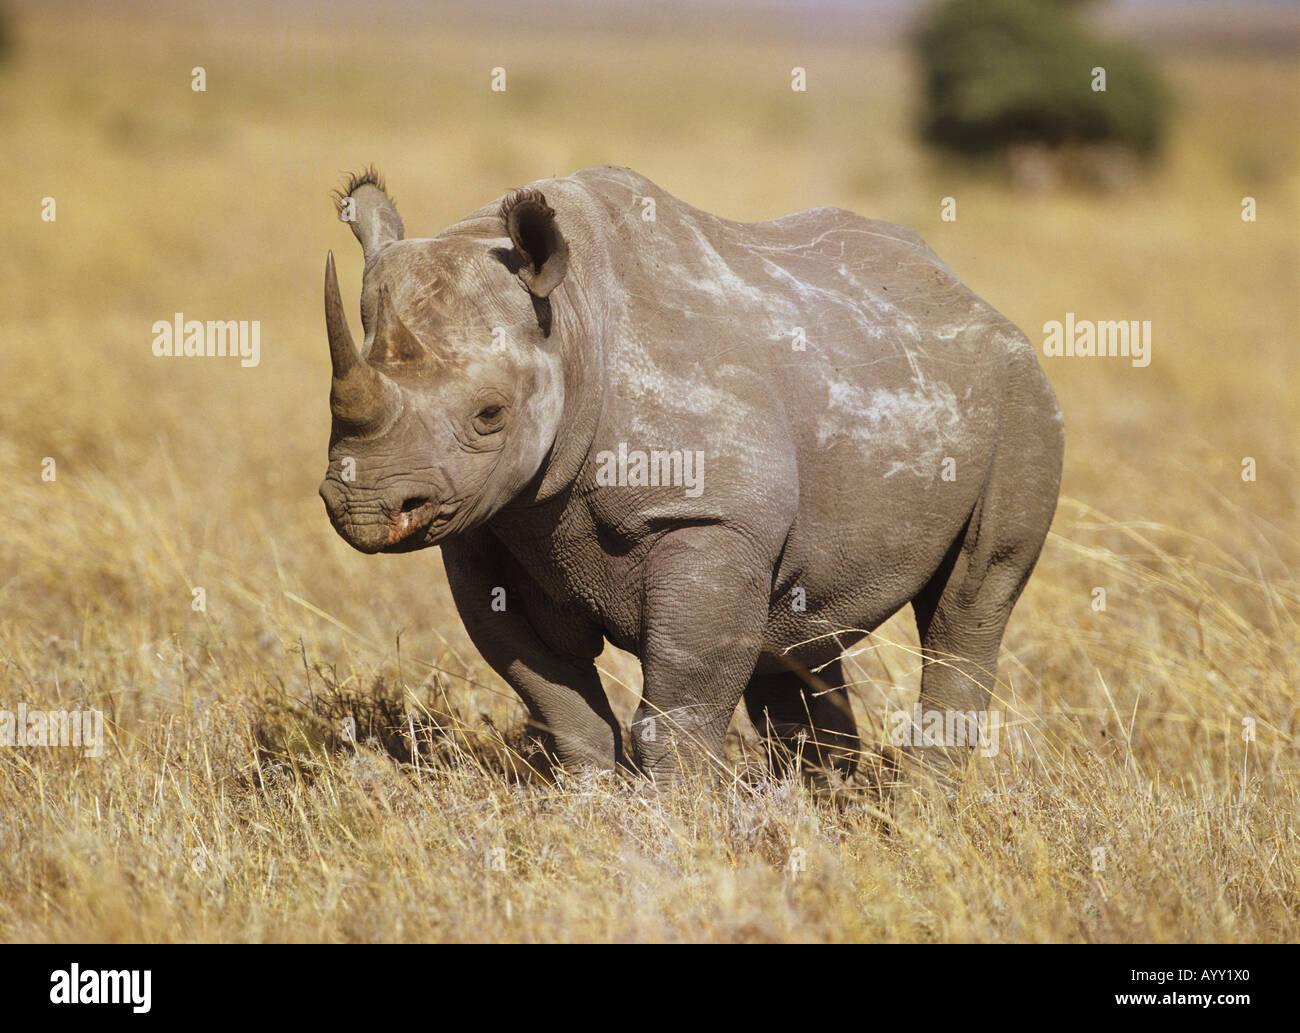 black rhino (Diceros bicornis) standingin dry grass - Stock Image